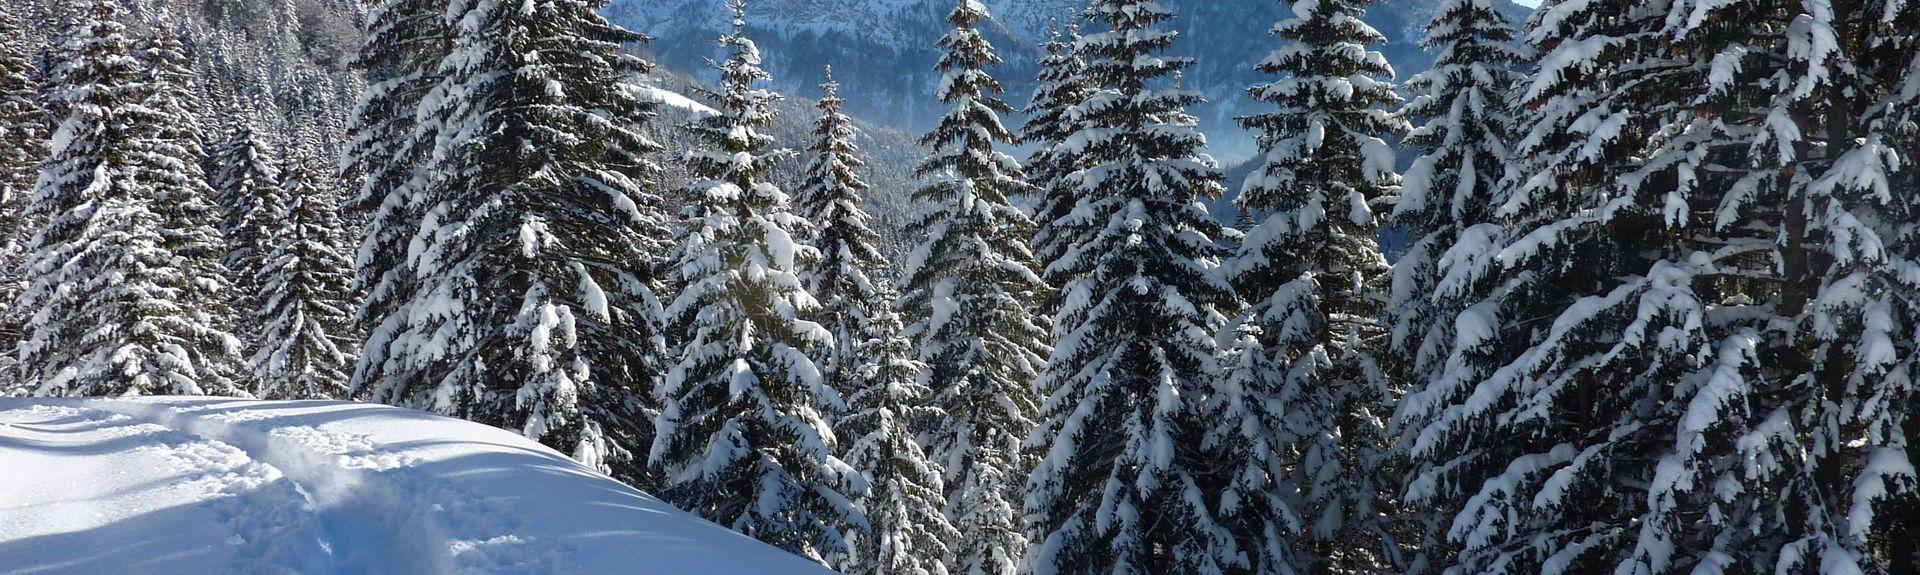 Kufstein District, Tyrol, Austria